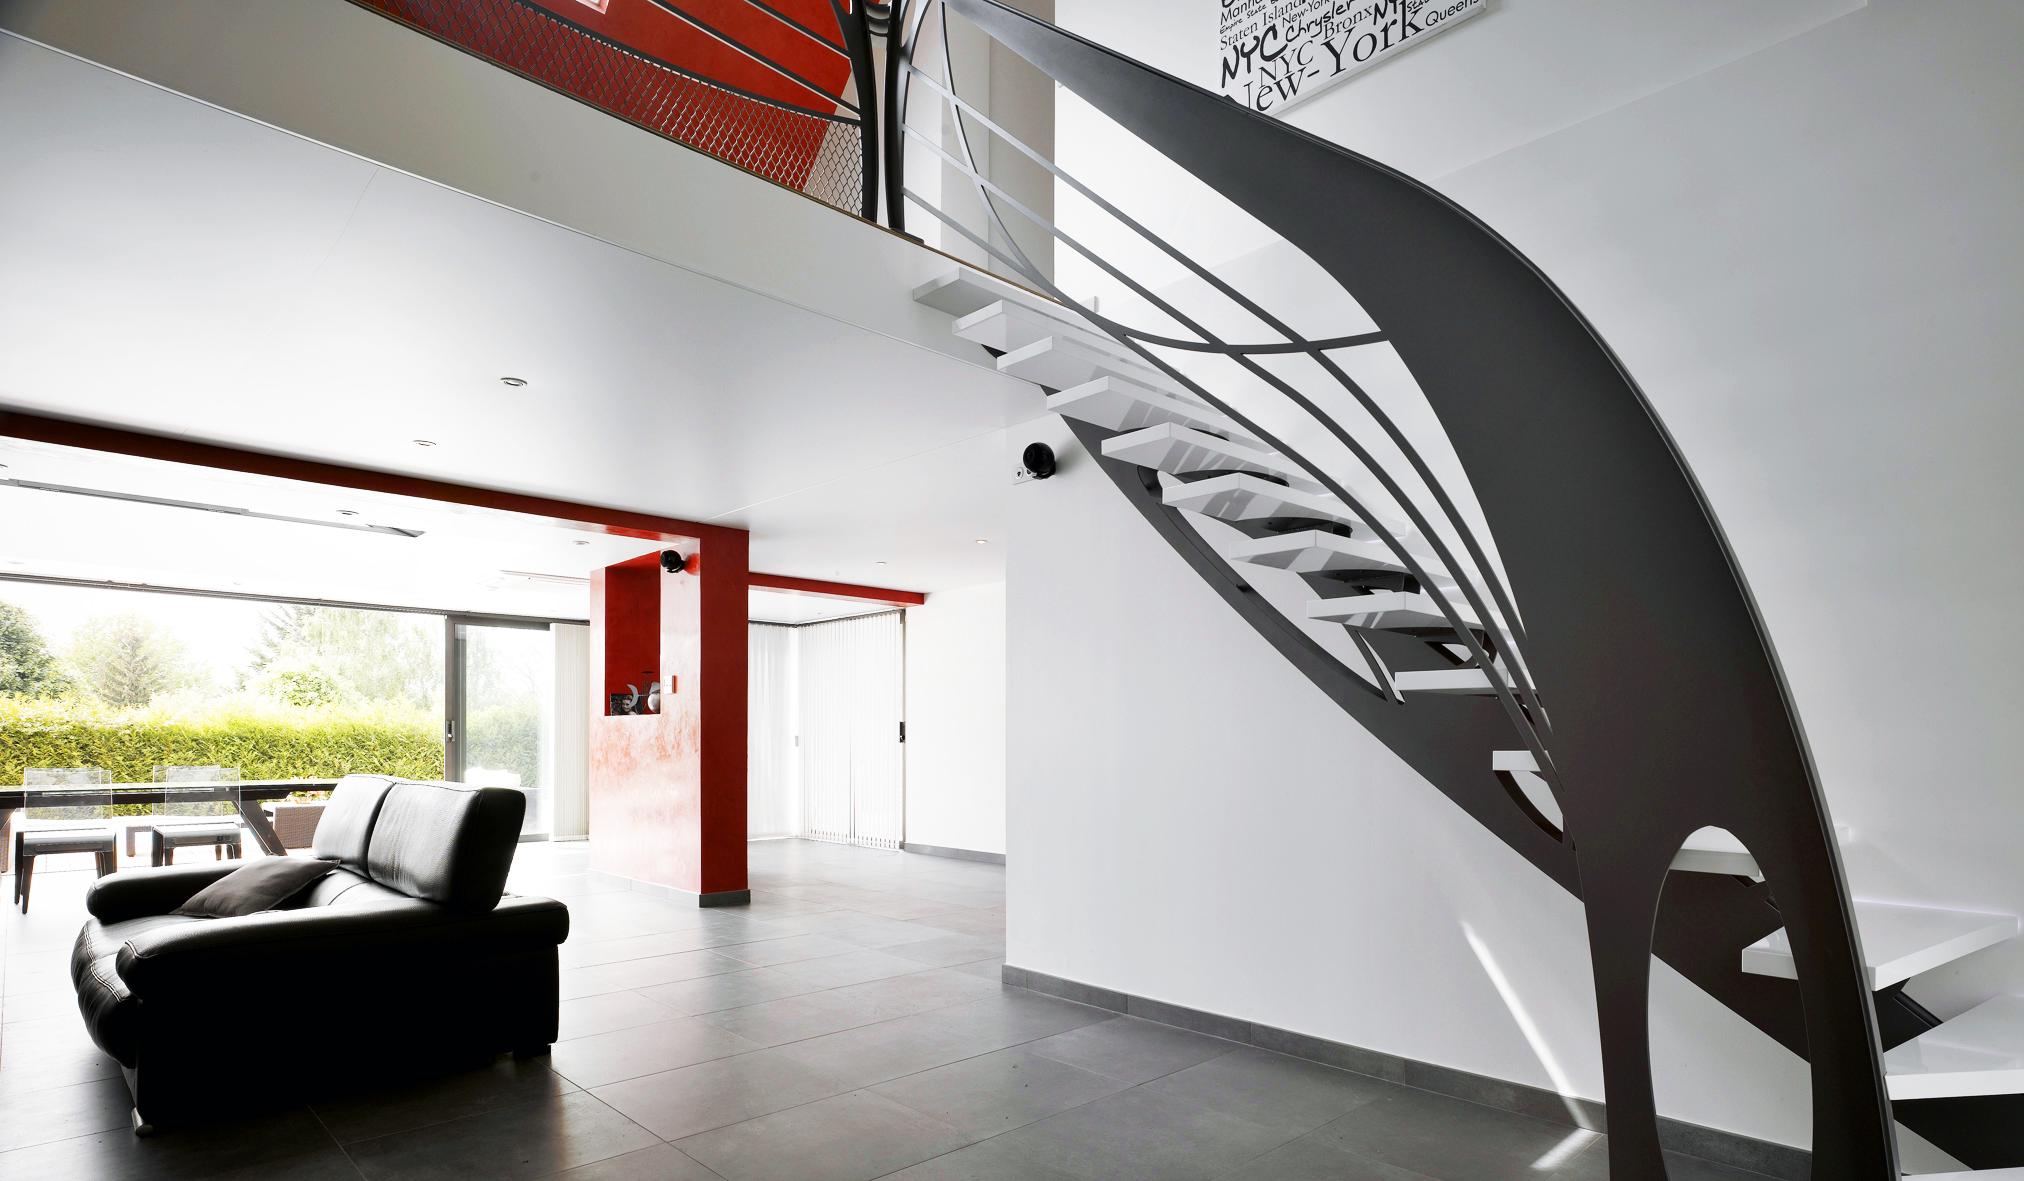 phototh que sous traitance industrielle region centre. Black Bedroom Furniture Sets. Home Design Ideas